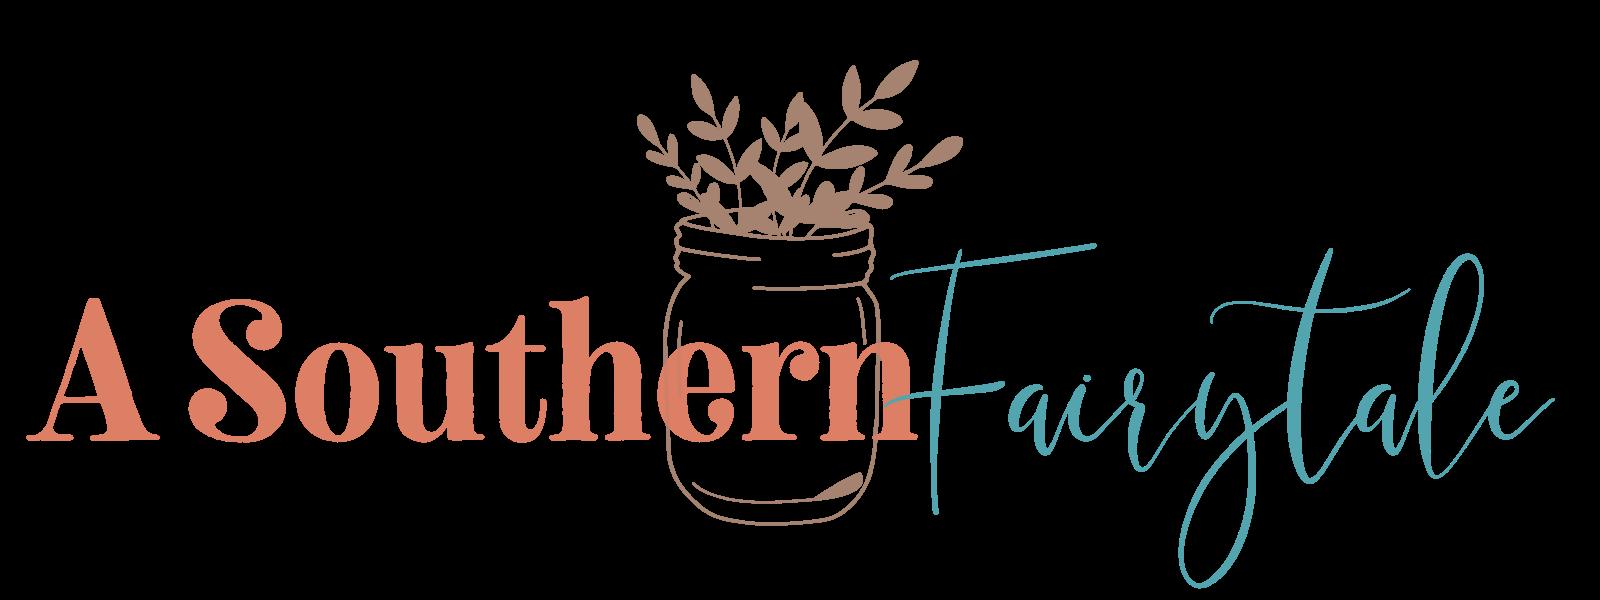 A Southern Fairytale